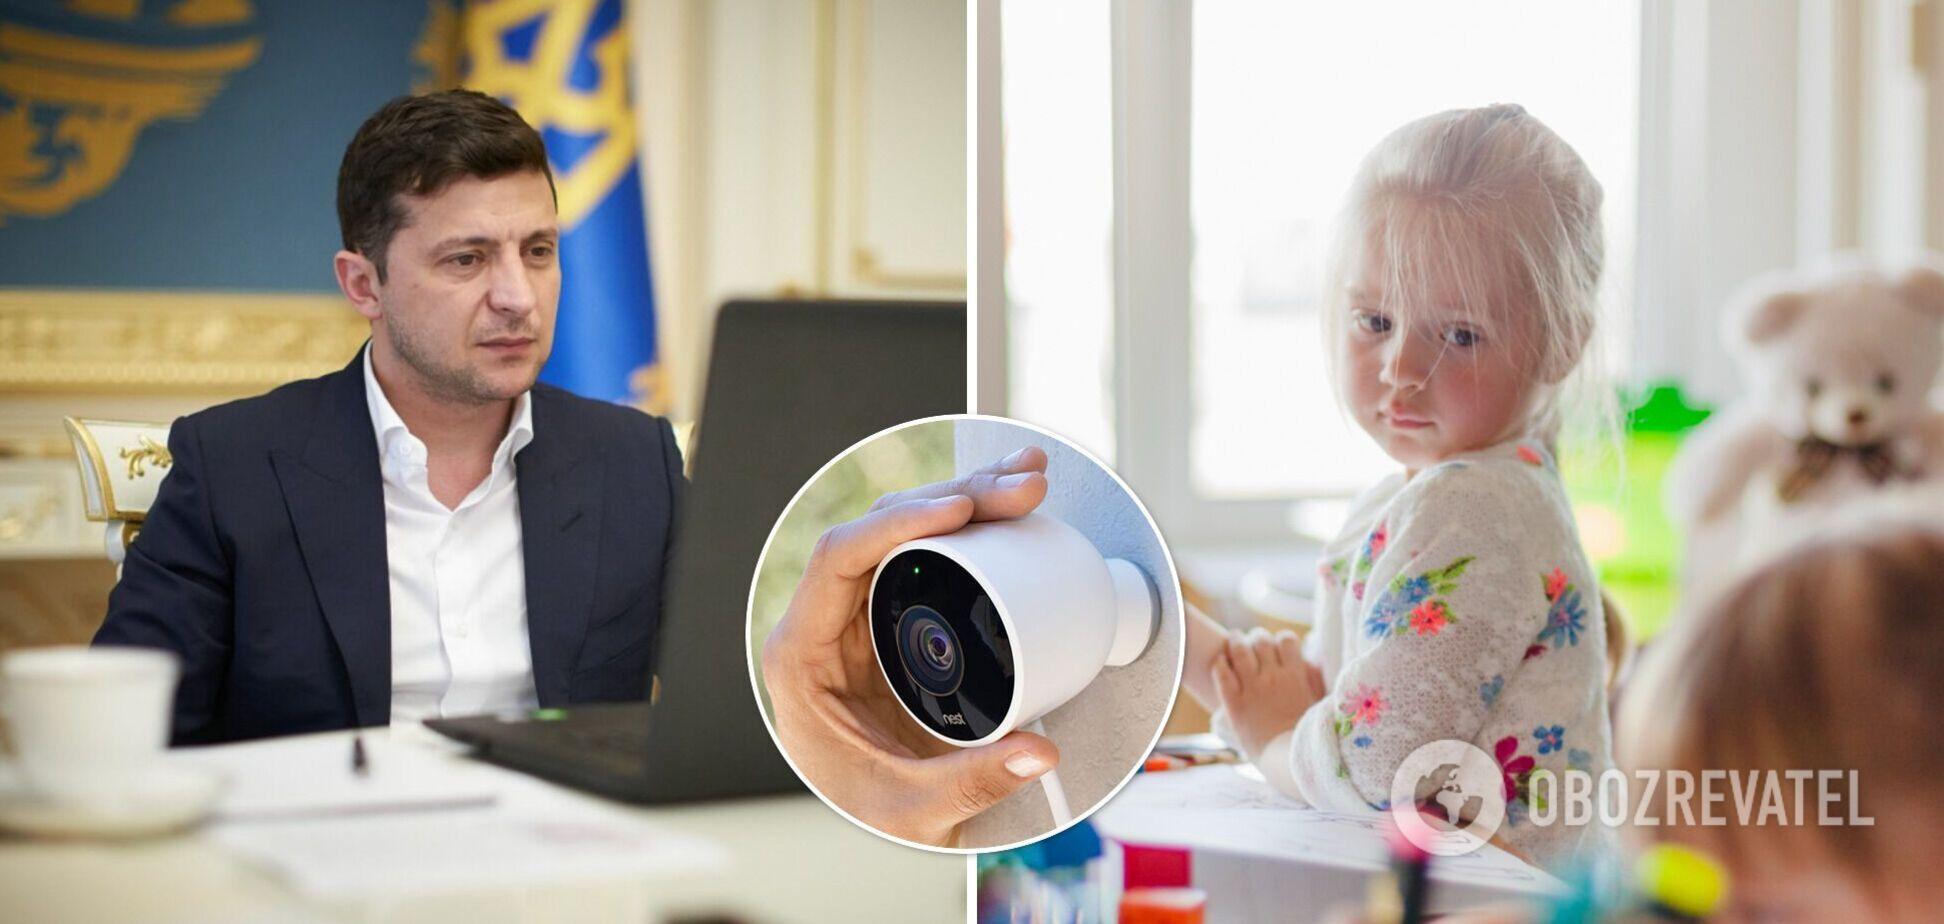 Зеленський повинен розглянути петицію про обов'язкові камери в дитсадках